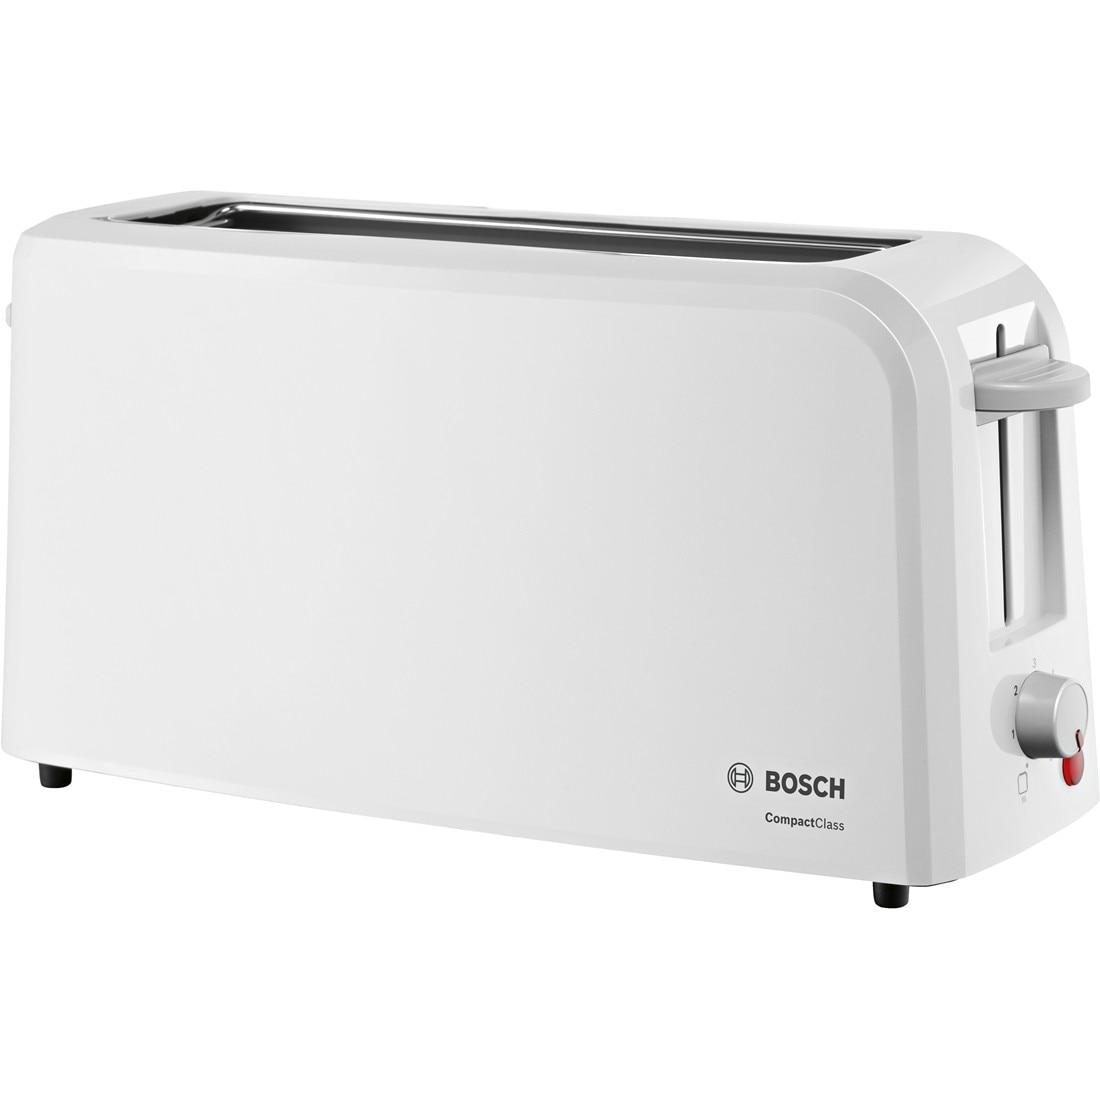 Fotografie Prajitor de paine Bosch TAT3A001, long slot, 980W, 2 felii de paine, Alb